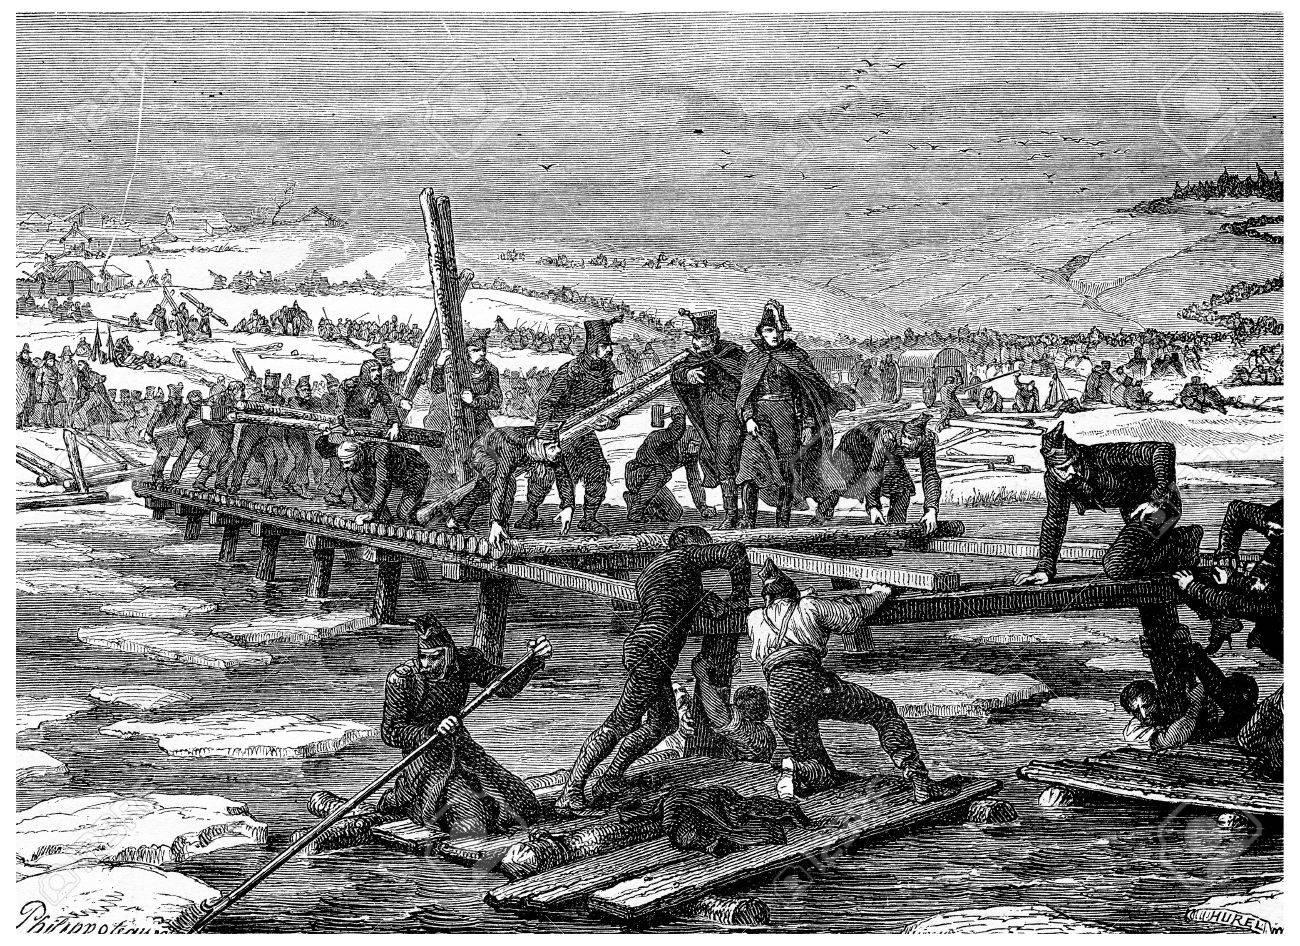 Construction De Ponts Sur La Berezina, Millésime Gravé Illustration. Histoire De France - 1885. Banque D'Images Et Photos Libres De Droits. Image 39823821.